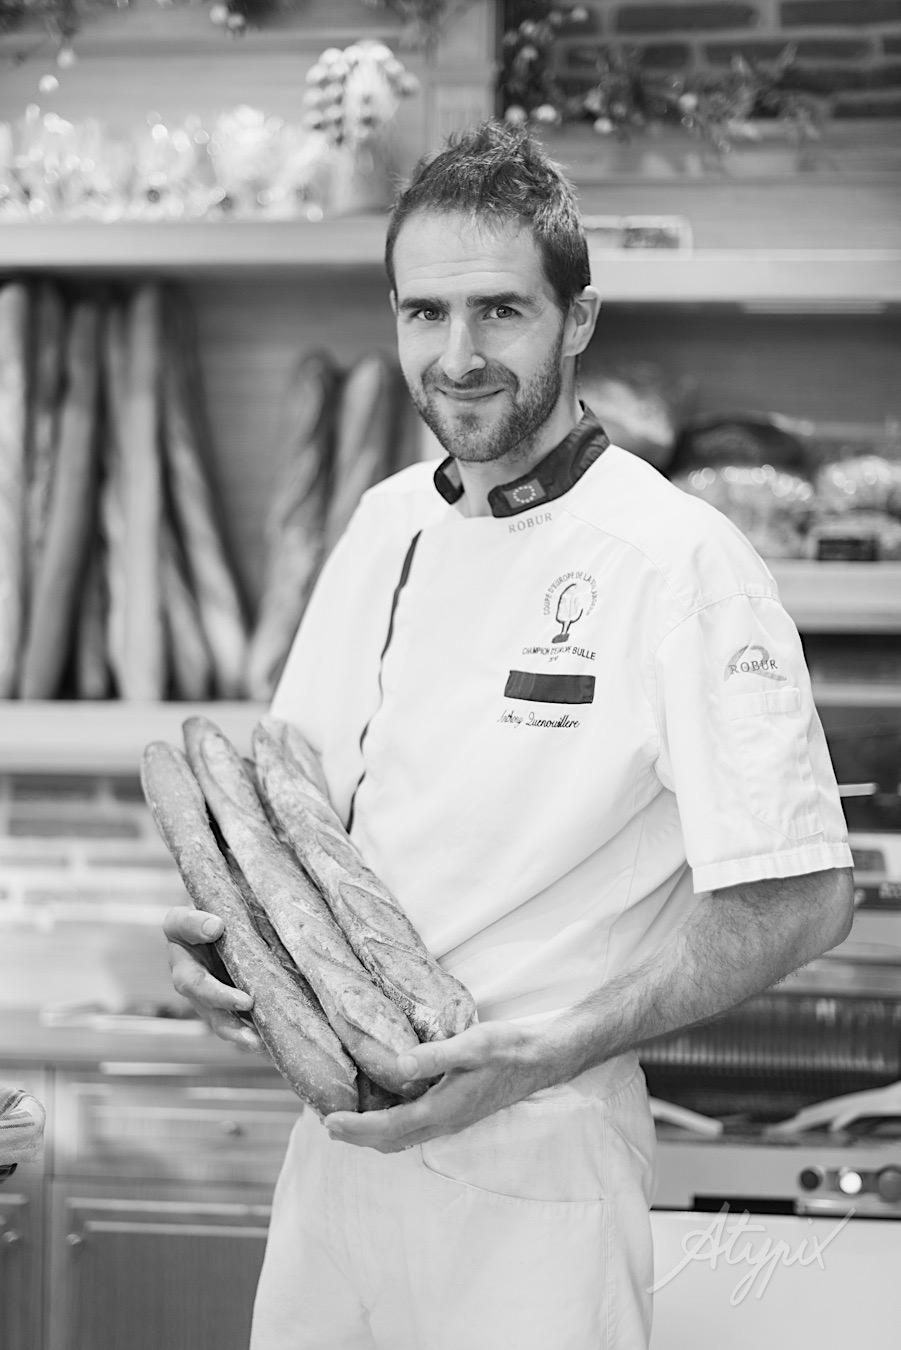 boulanger portrait pain